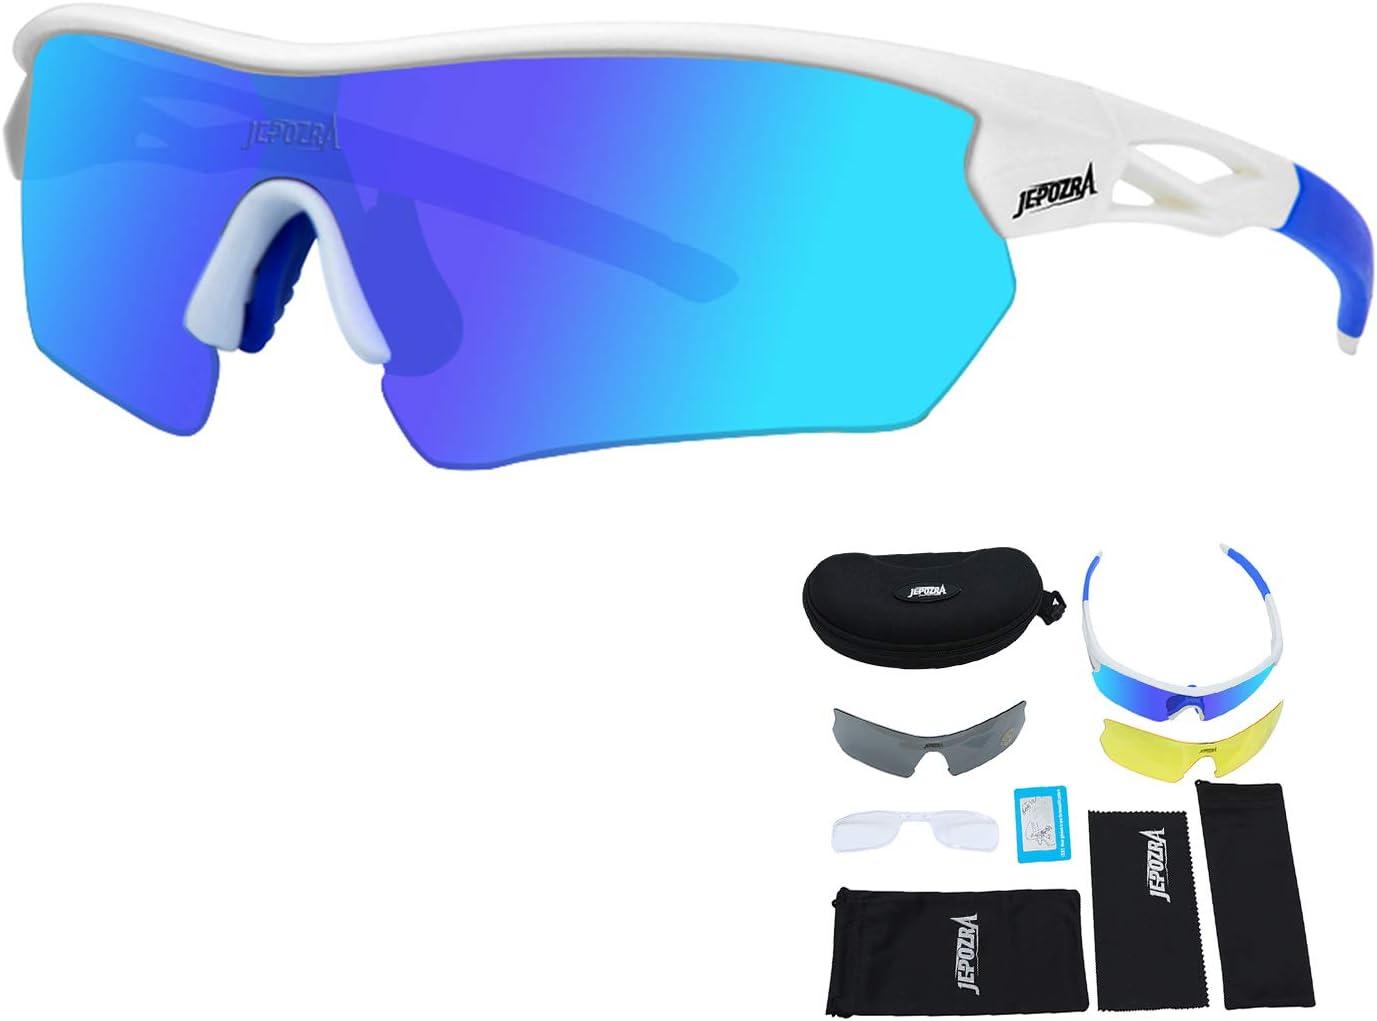 Faire du V/élo Lunettes de Soleil Polaris/ées avec 3 Verres Interchangeables TOPTETN Lunettes de Cyclisme Ski p/êche Courir Lunettes de Sport UV400 pour Les Activit/és de Plein Air